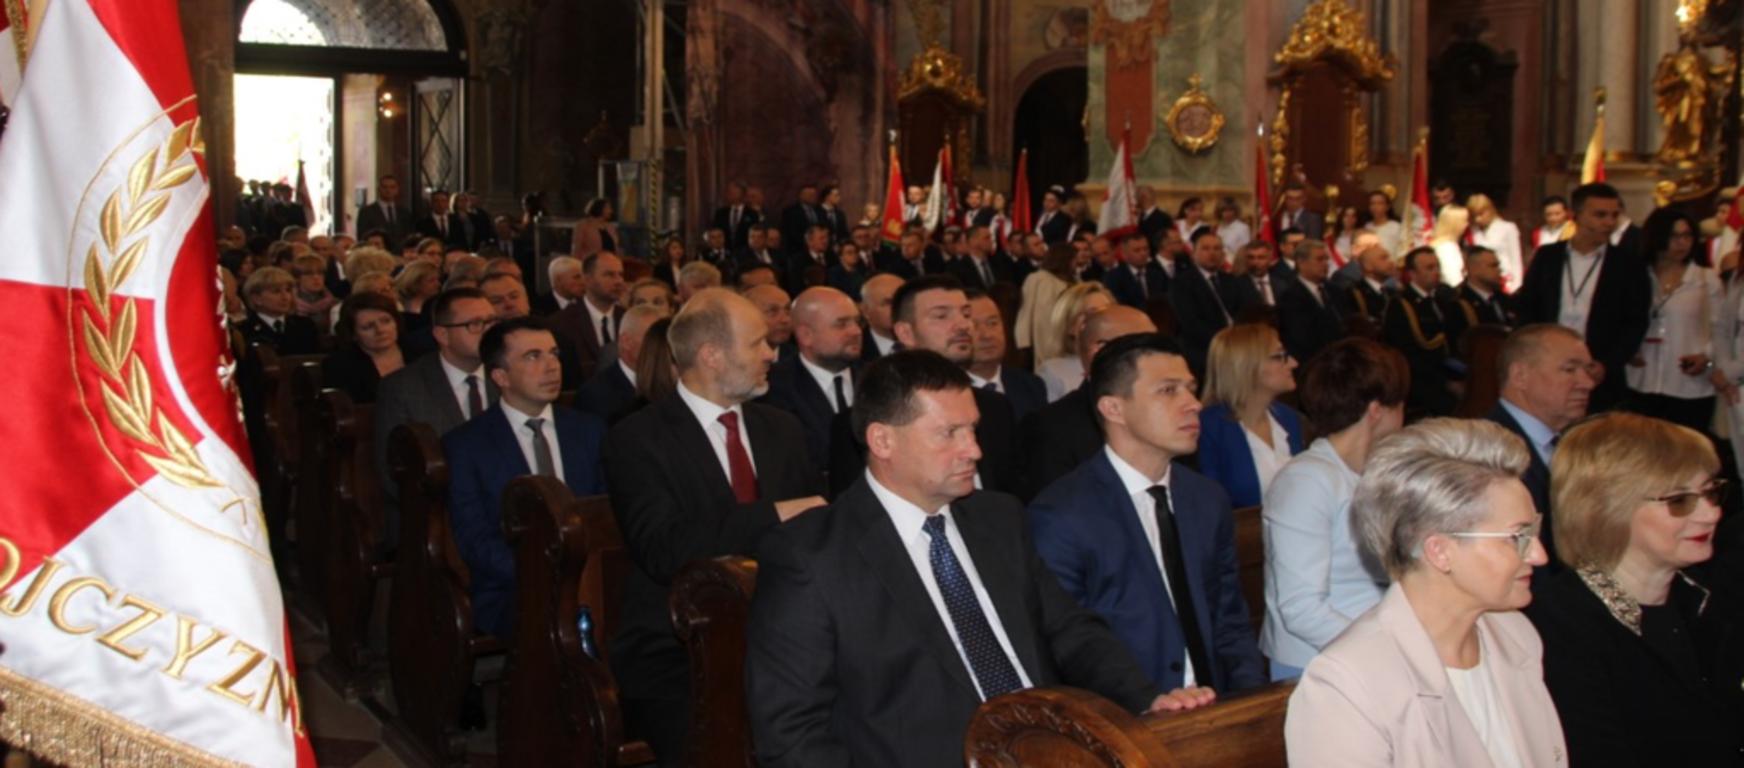 Na zdjęciu uczestnicy 20 lecia Jubileuszu funkcjonowania samorządów wojewódzkich i powiatowych. (link otworzy duże zdjęcie)